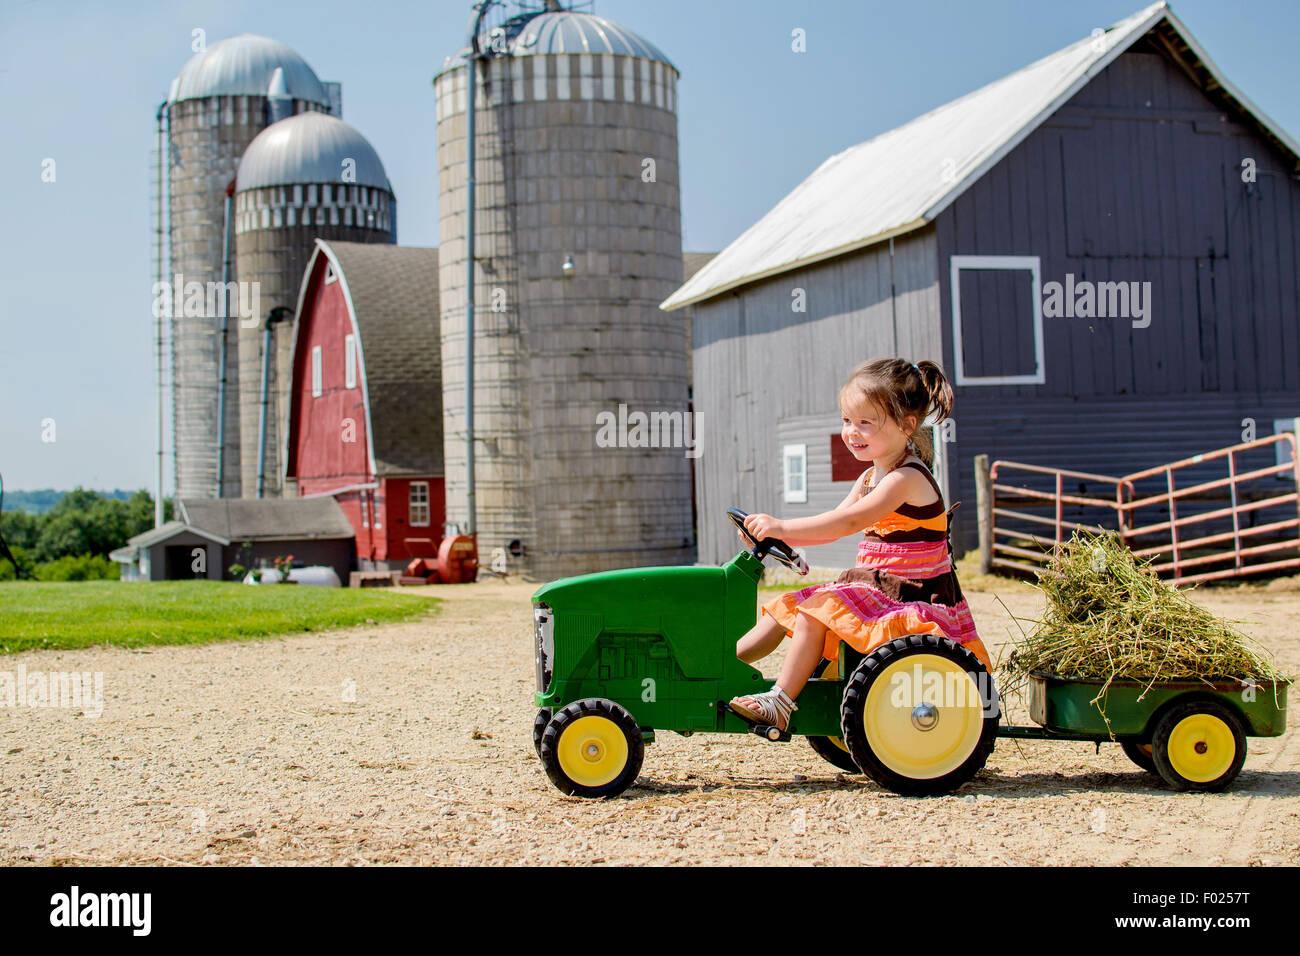 Edad elemental chica conduce su tractor de juguete Imagen De Stock